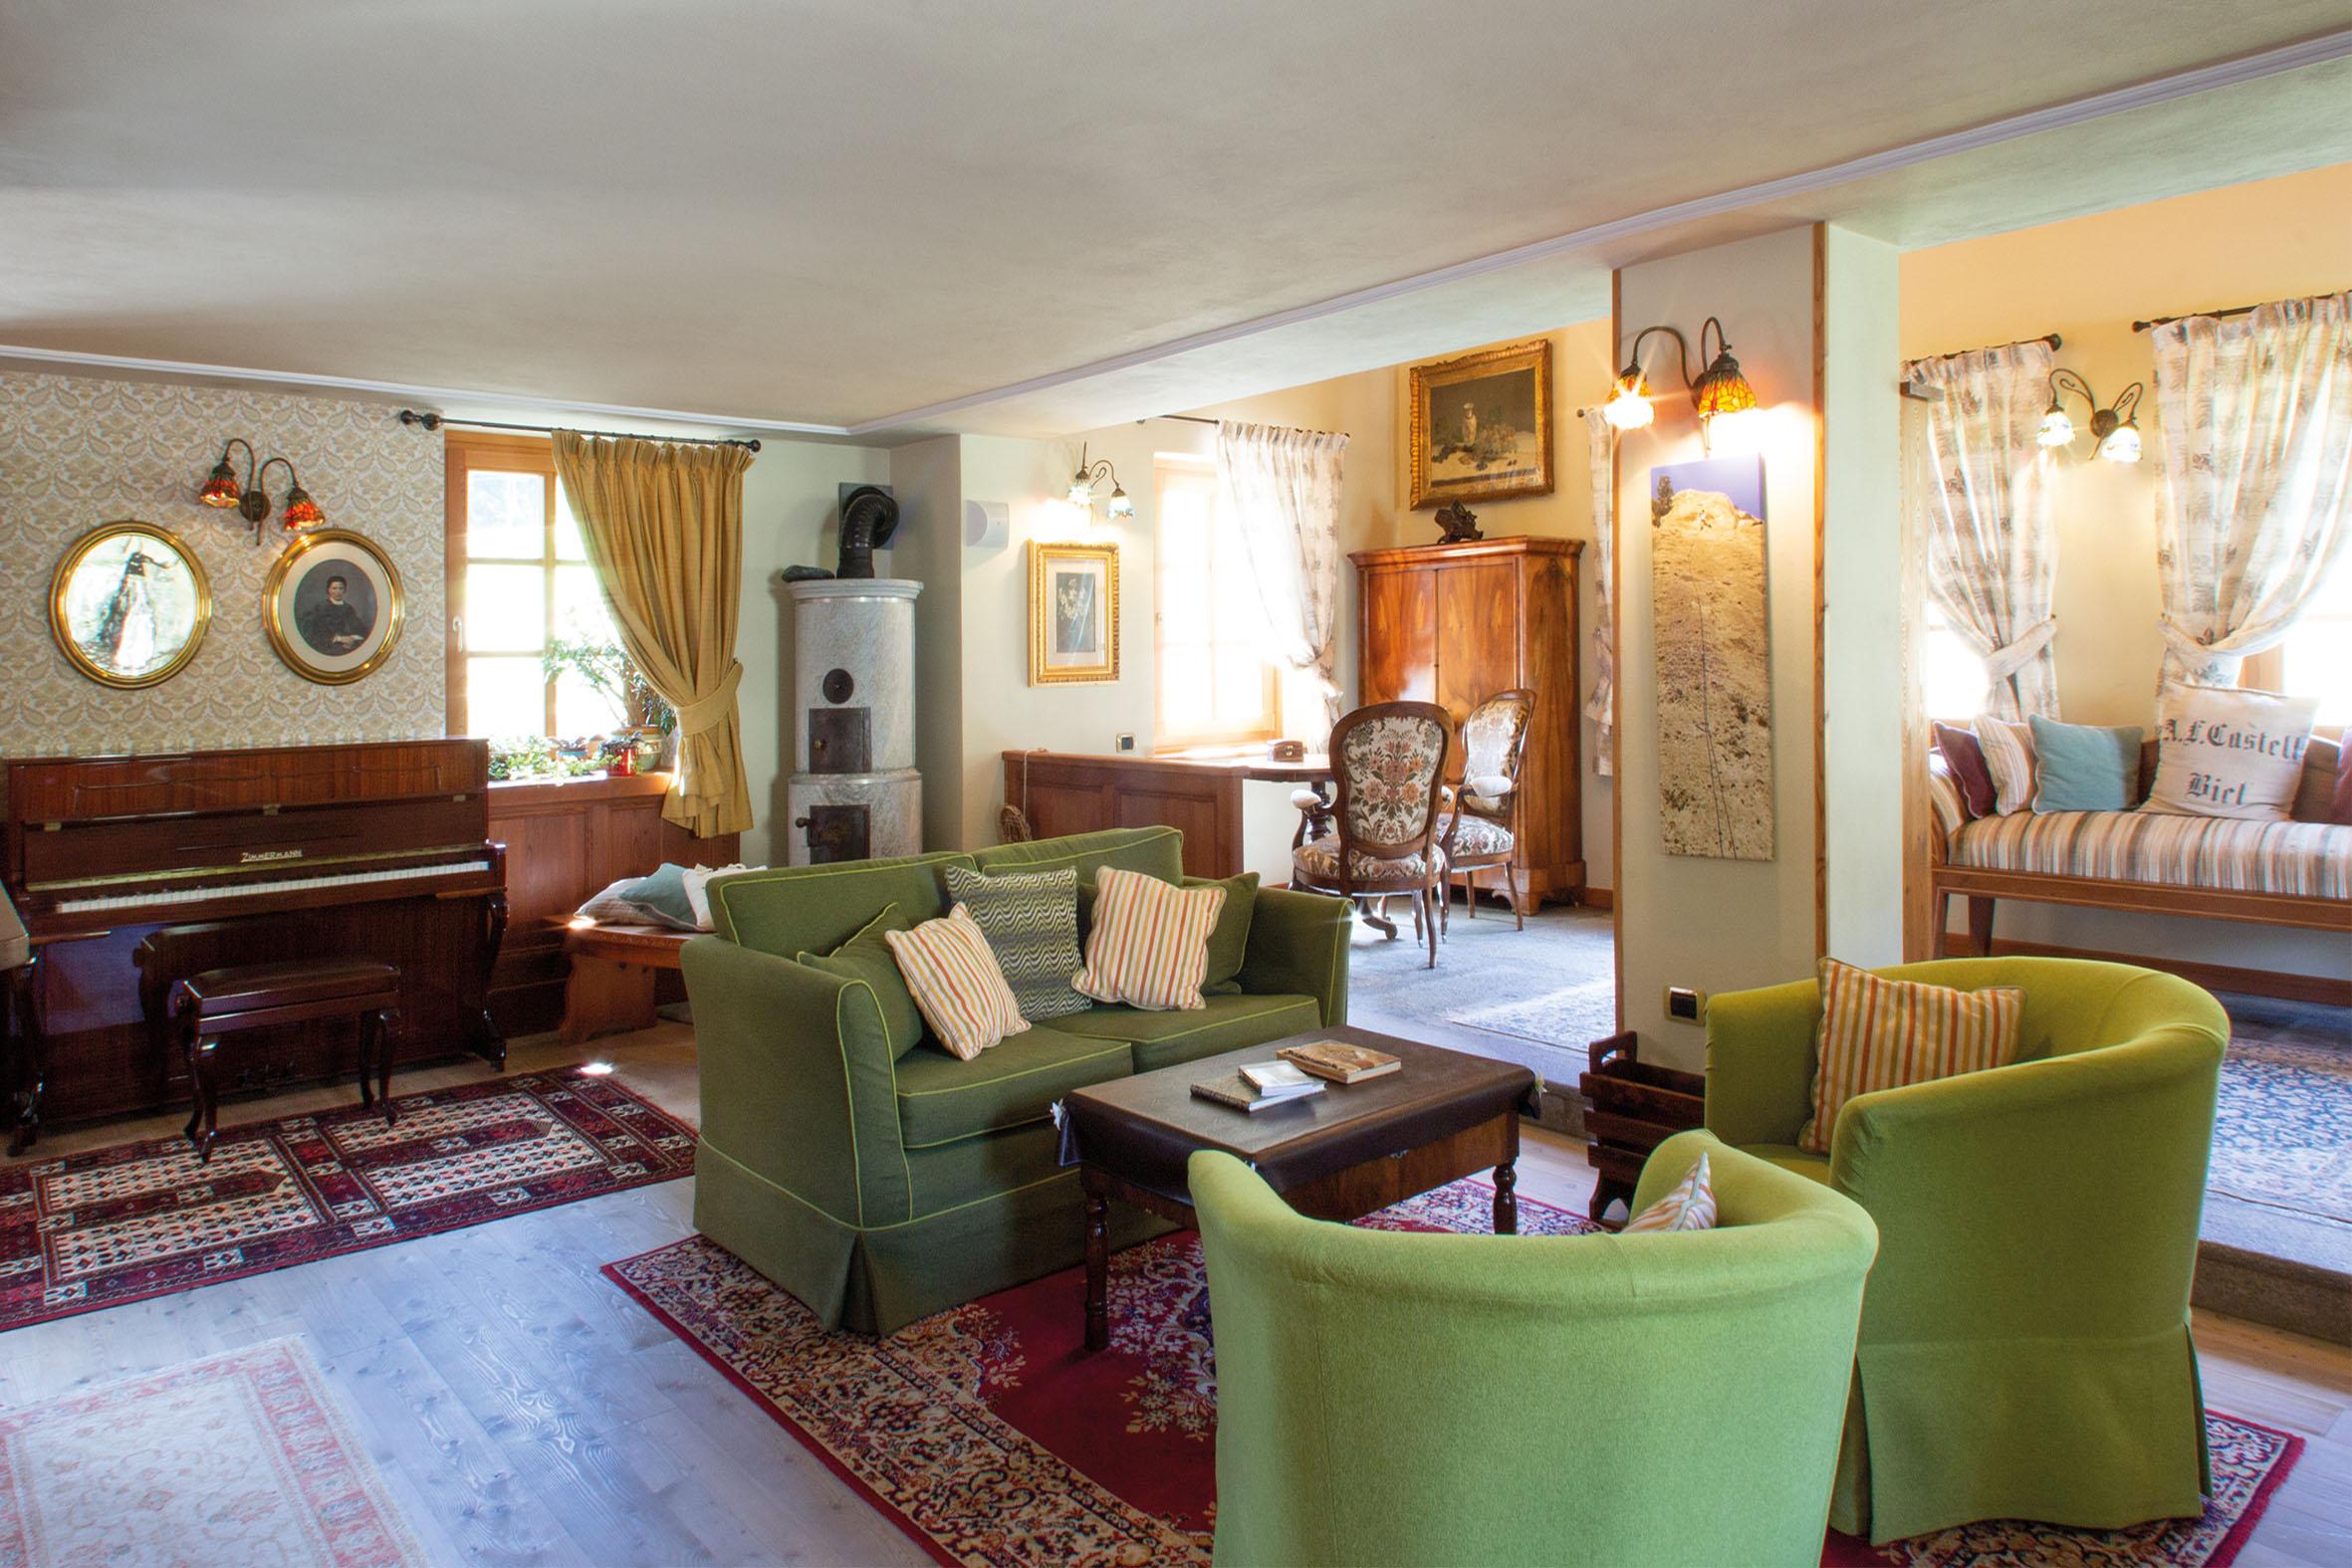 Un po' di relax, Villa Fridau